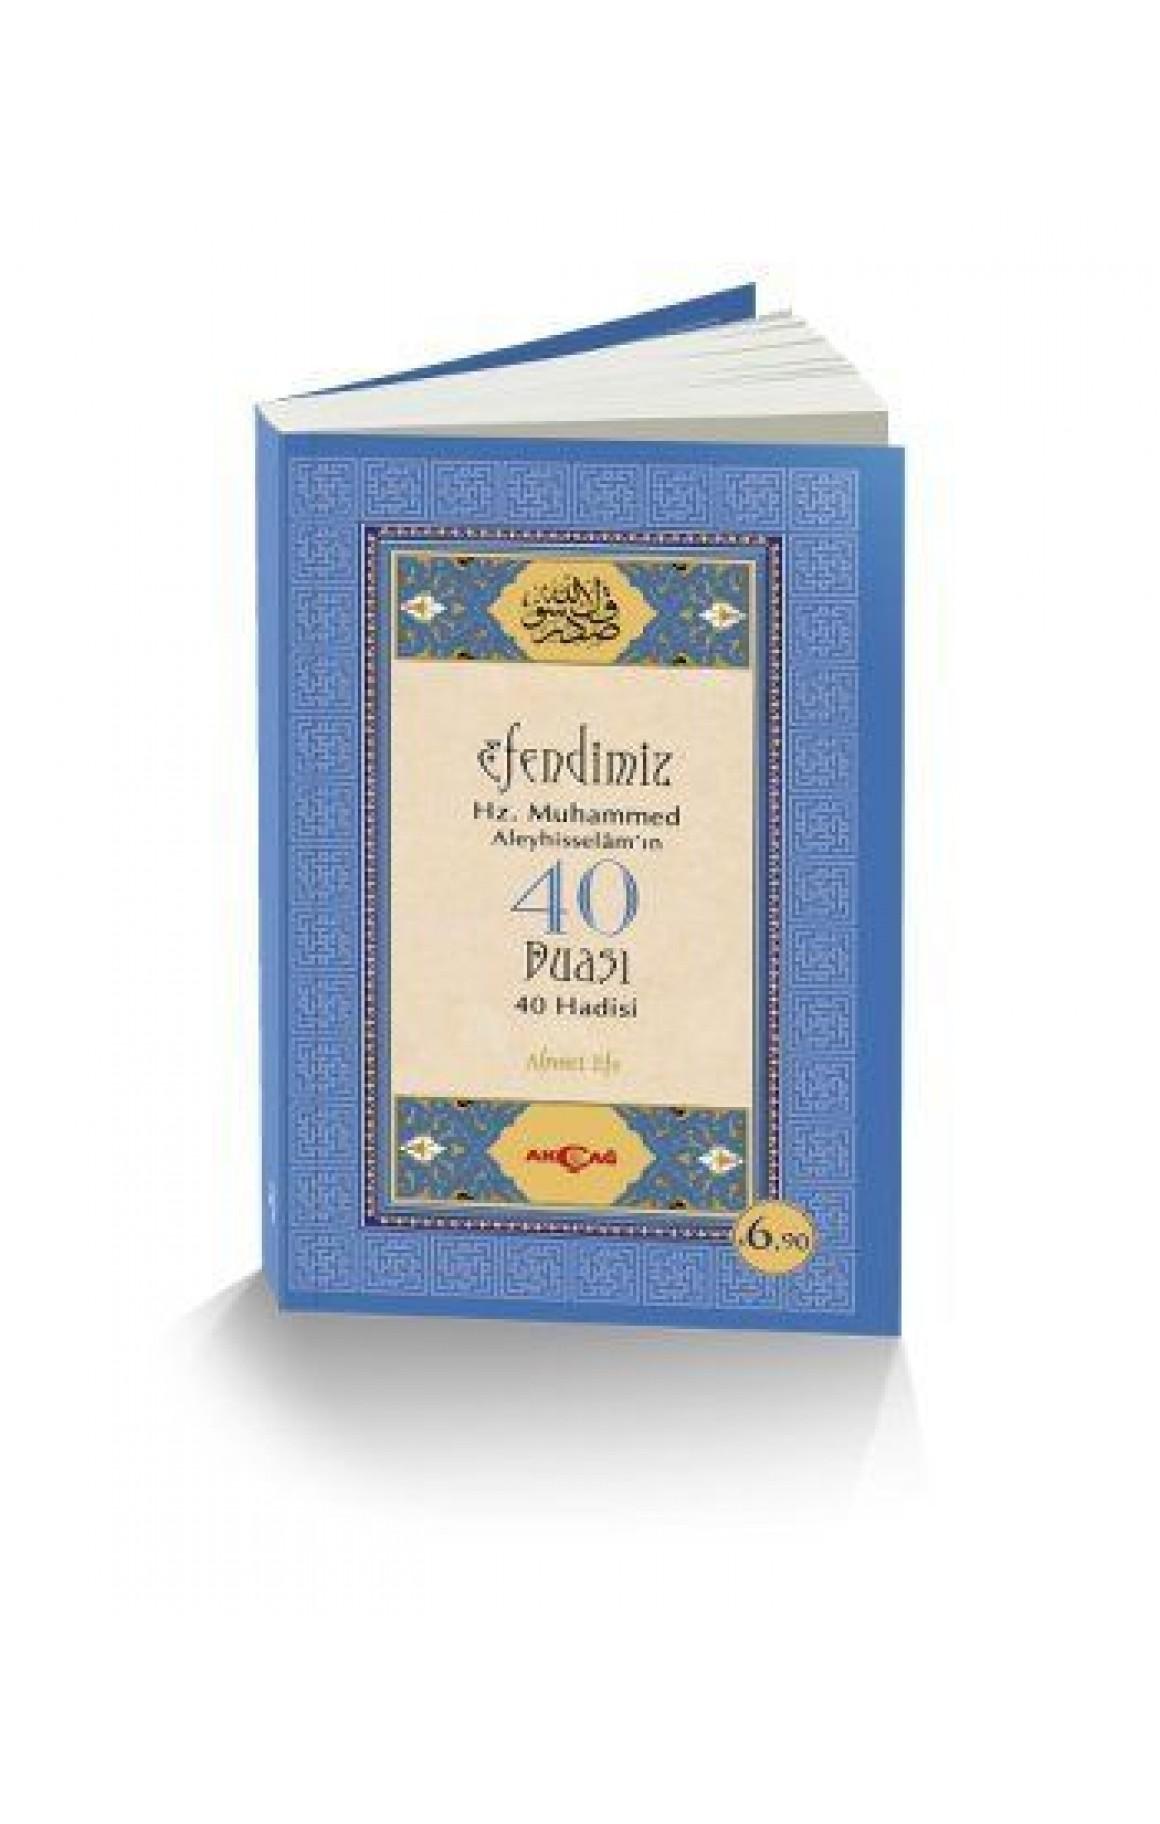 Efendimiz Hz. Muhammed Aleyhisselamın 40 Duası 40 Hadisi